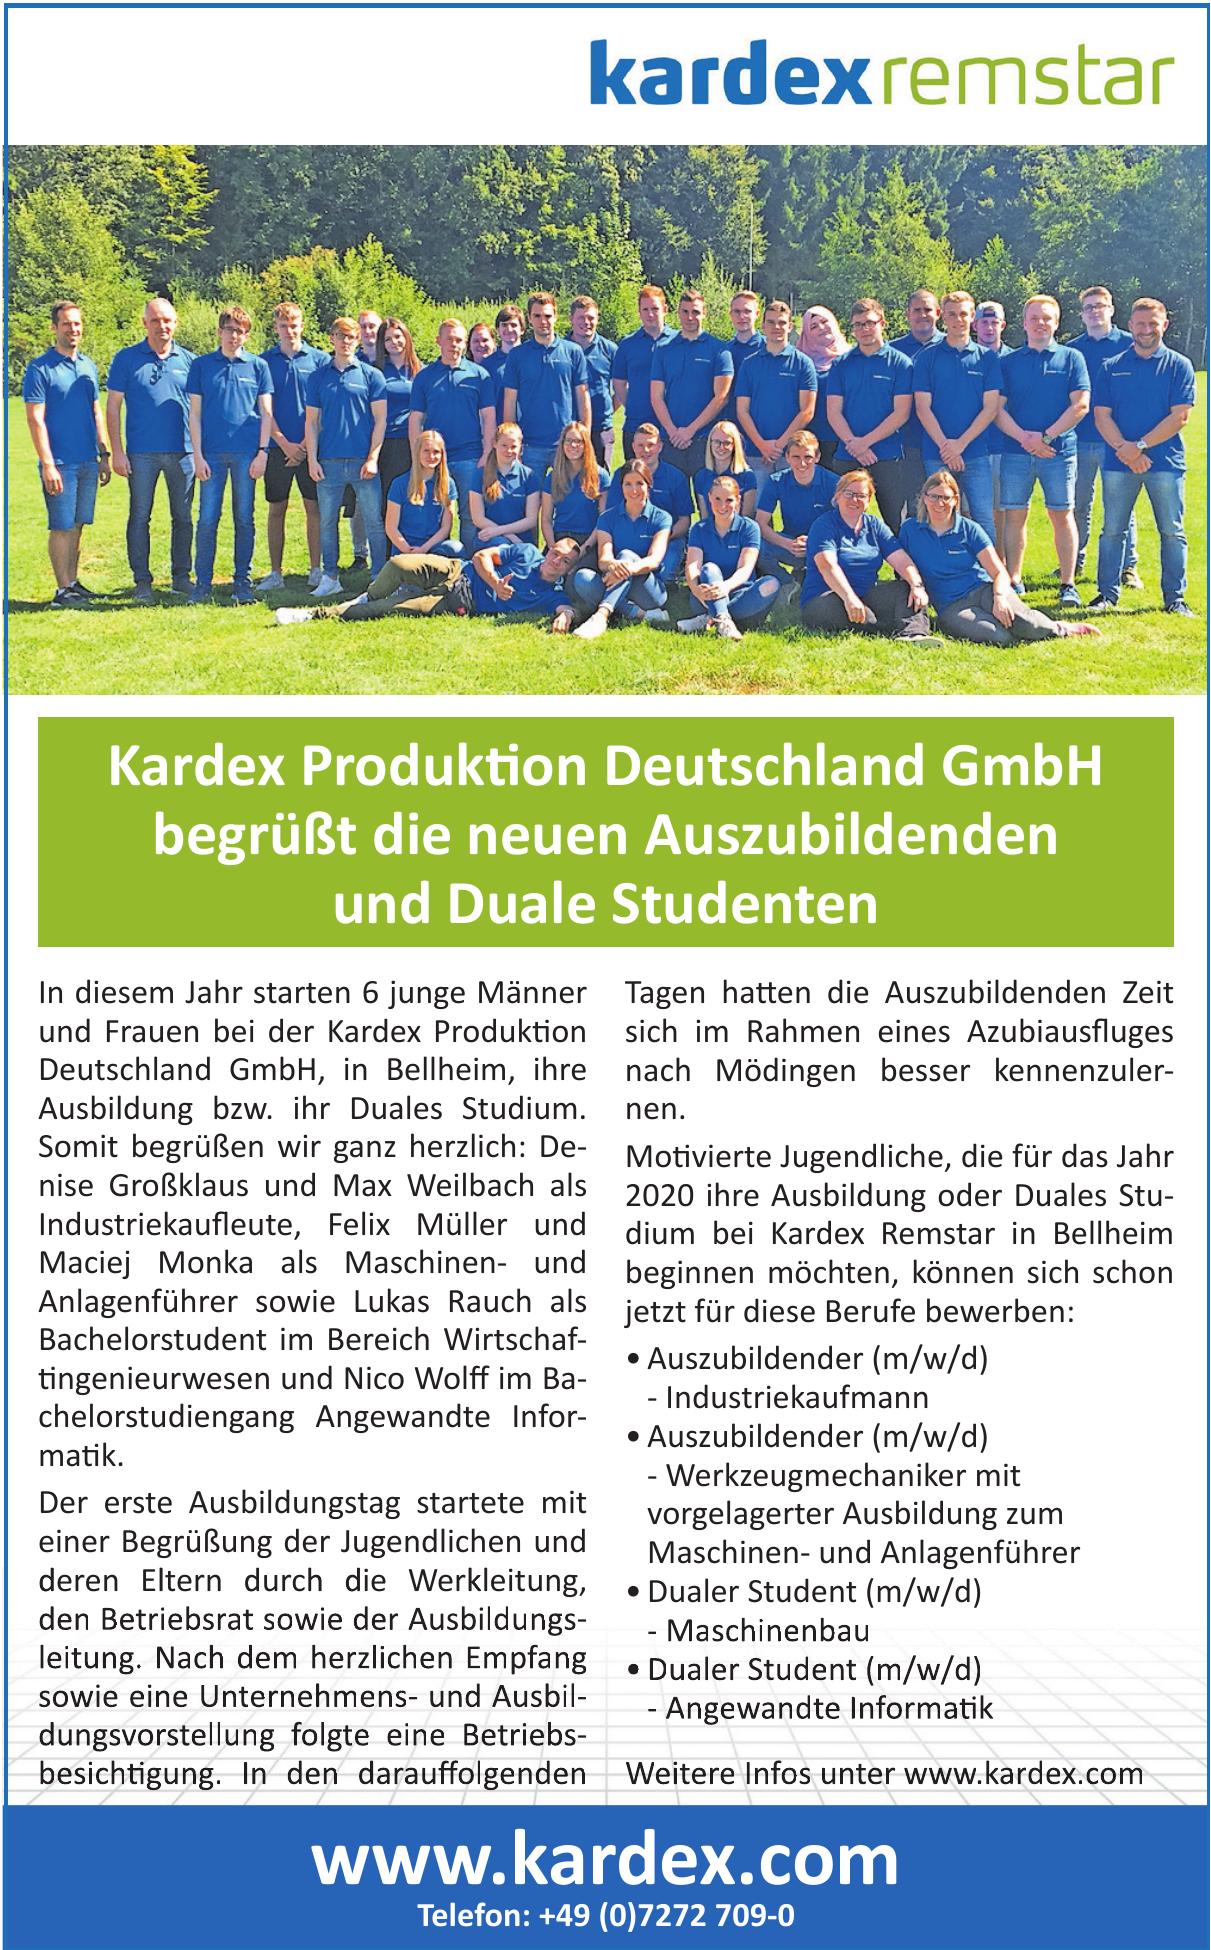 Kardex Produktion Deutschland GmbH